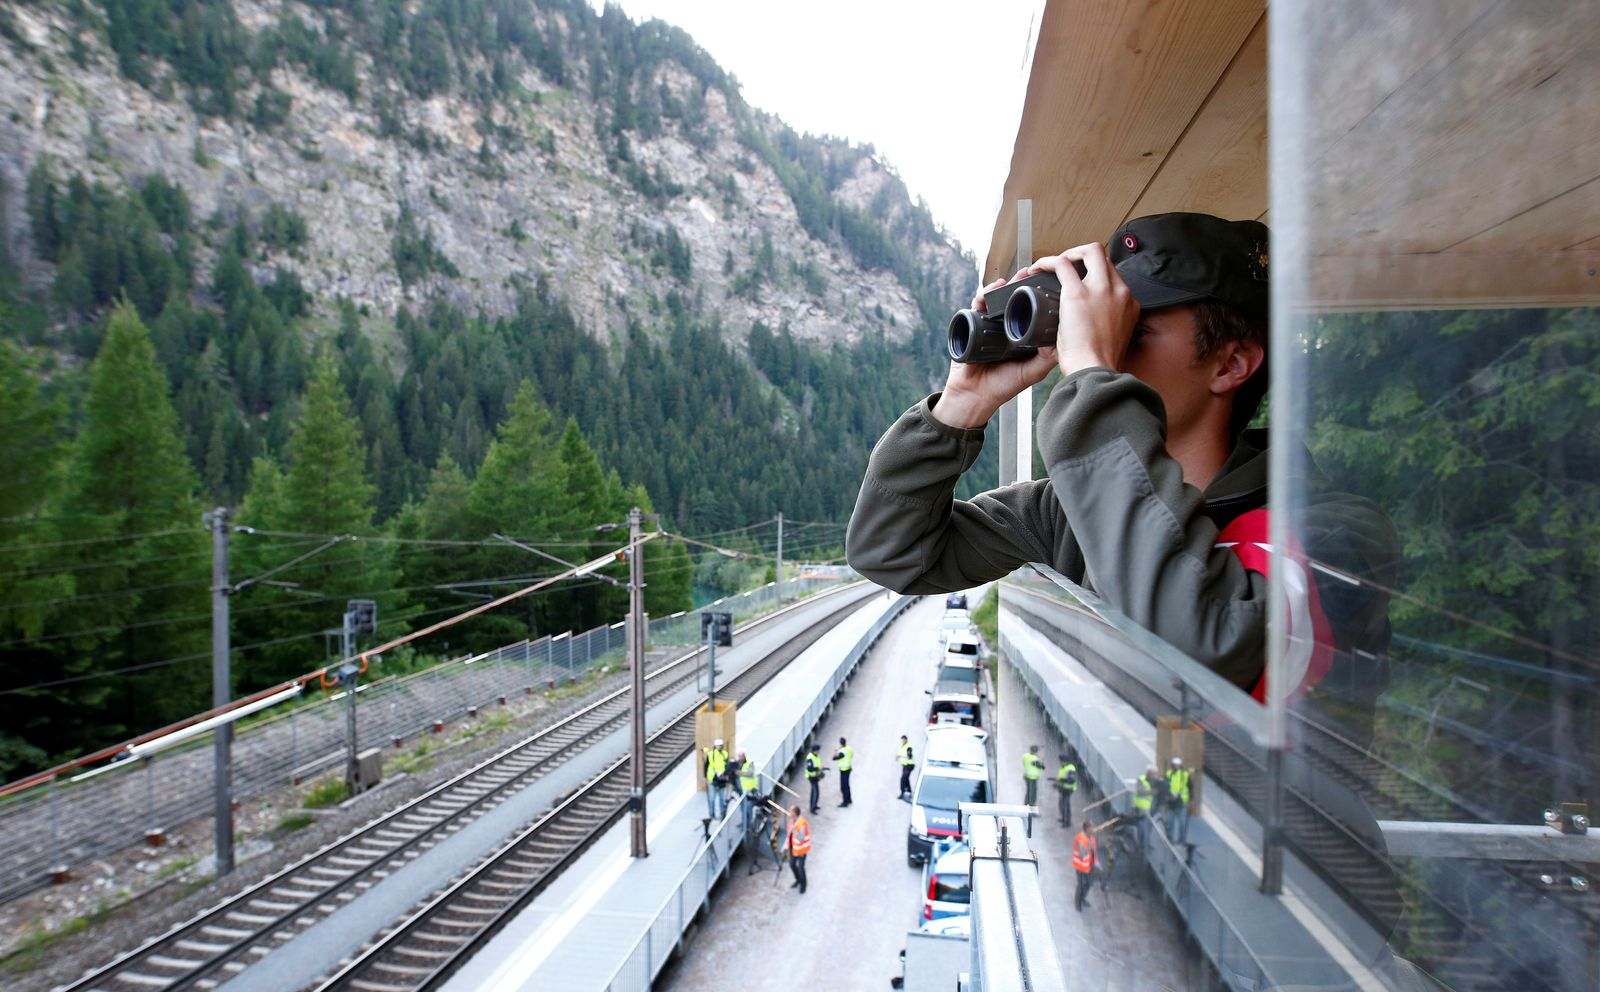 EINMALIGE VERWENDUNG Europa/ Grenze/ Schutz/ Bewachen/ Fluechtlinge/ Österreich